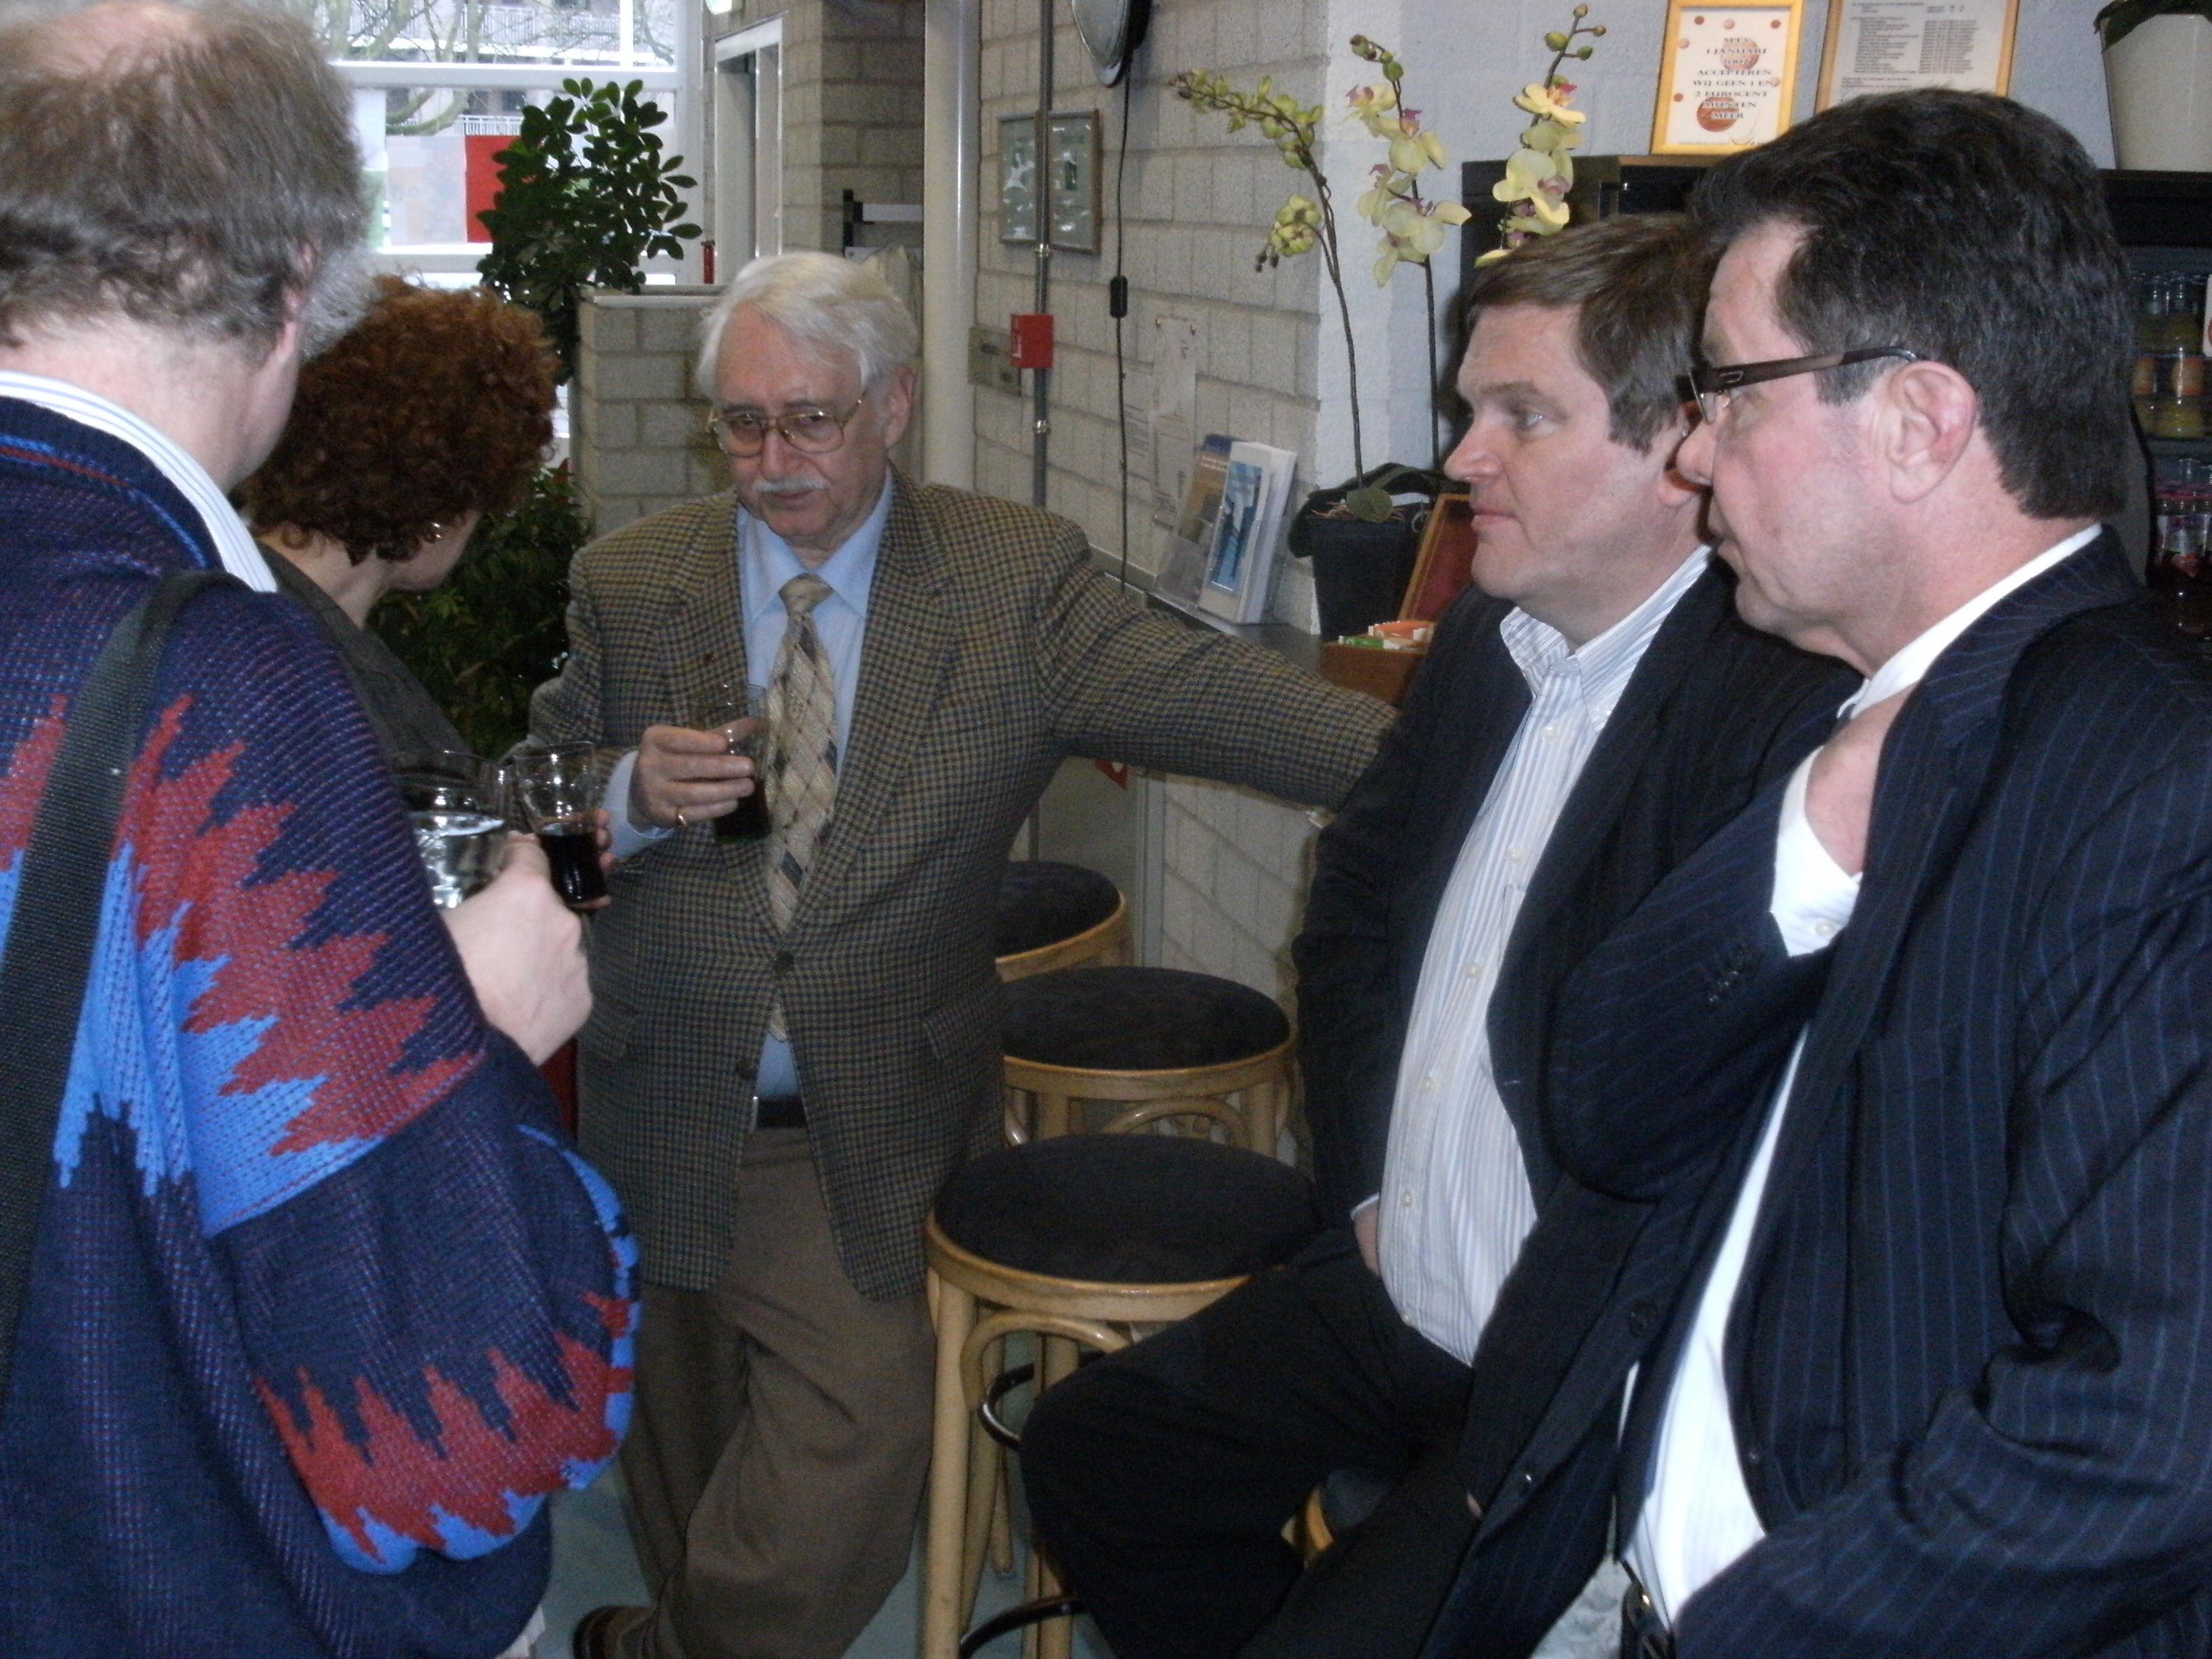 discussie tussen Wim Orbons, Guy Swennen, Ghislain Duchateau, Eric Schleicher foto Ad Verdiesen